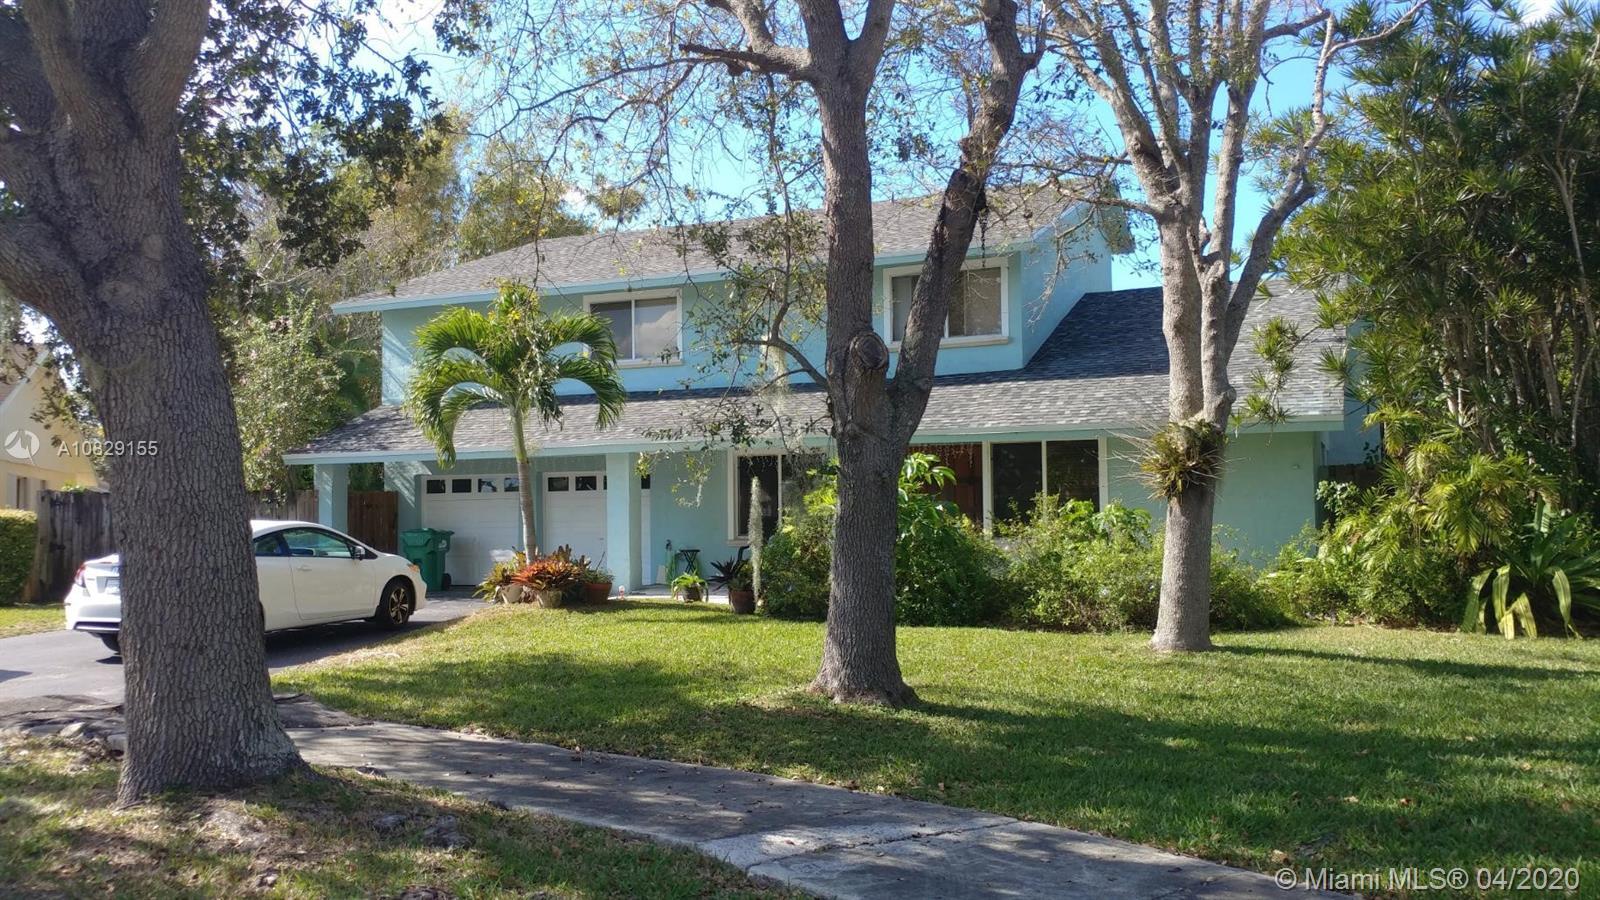 12845 SW 110th Ter, Miami, FL 33186 - Miami, FL real estate listing